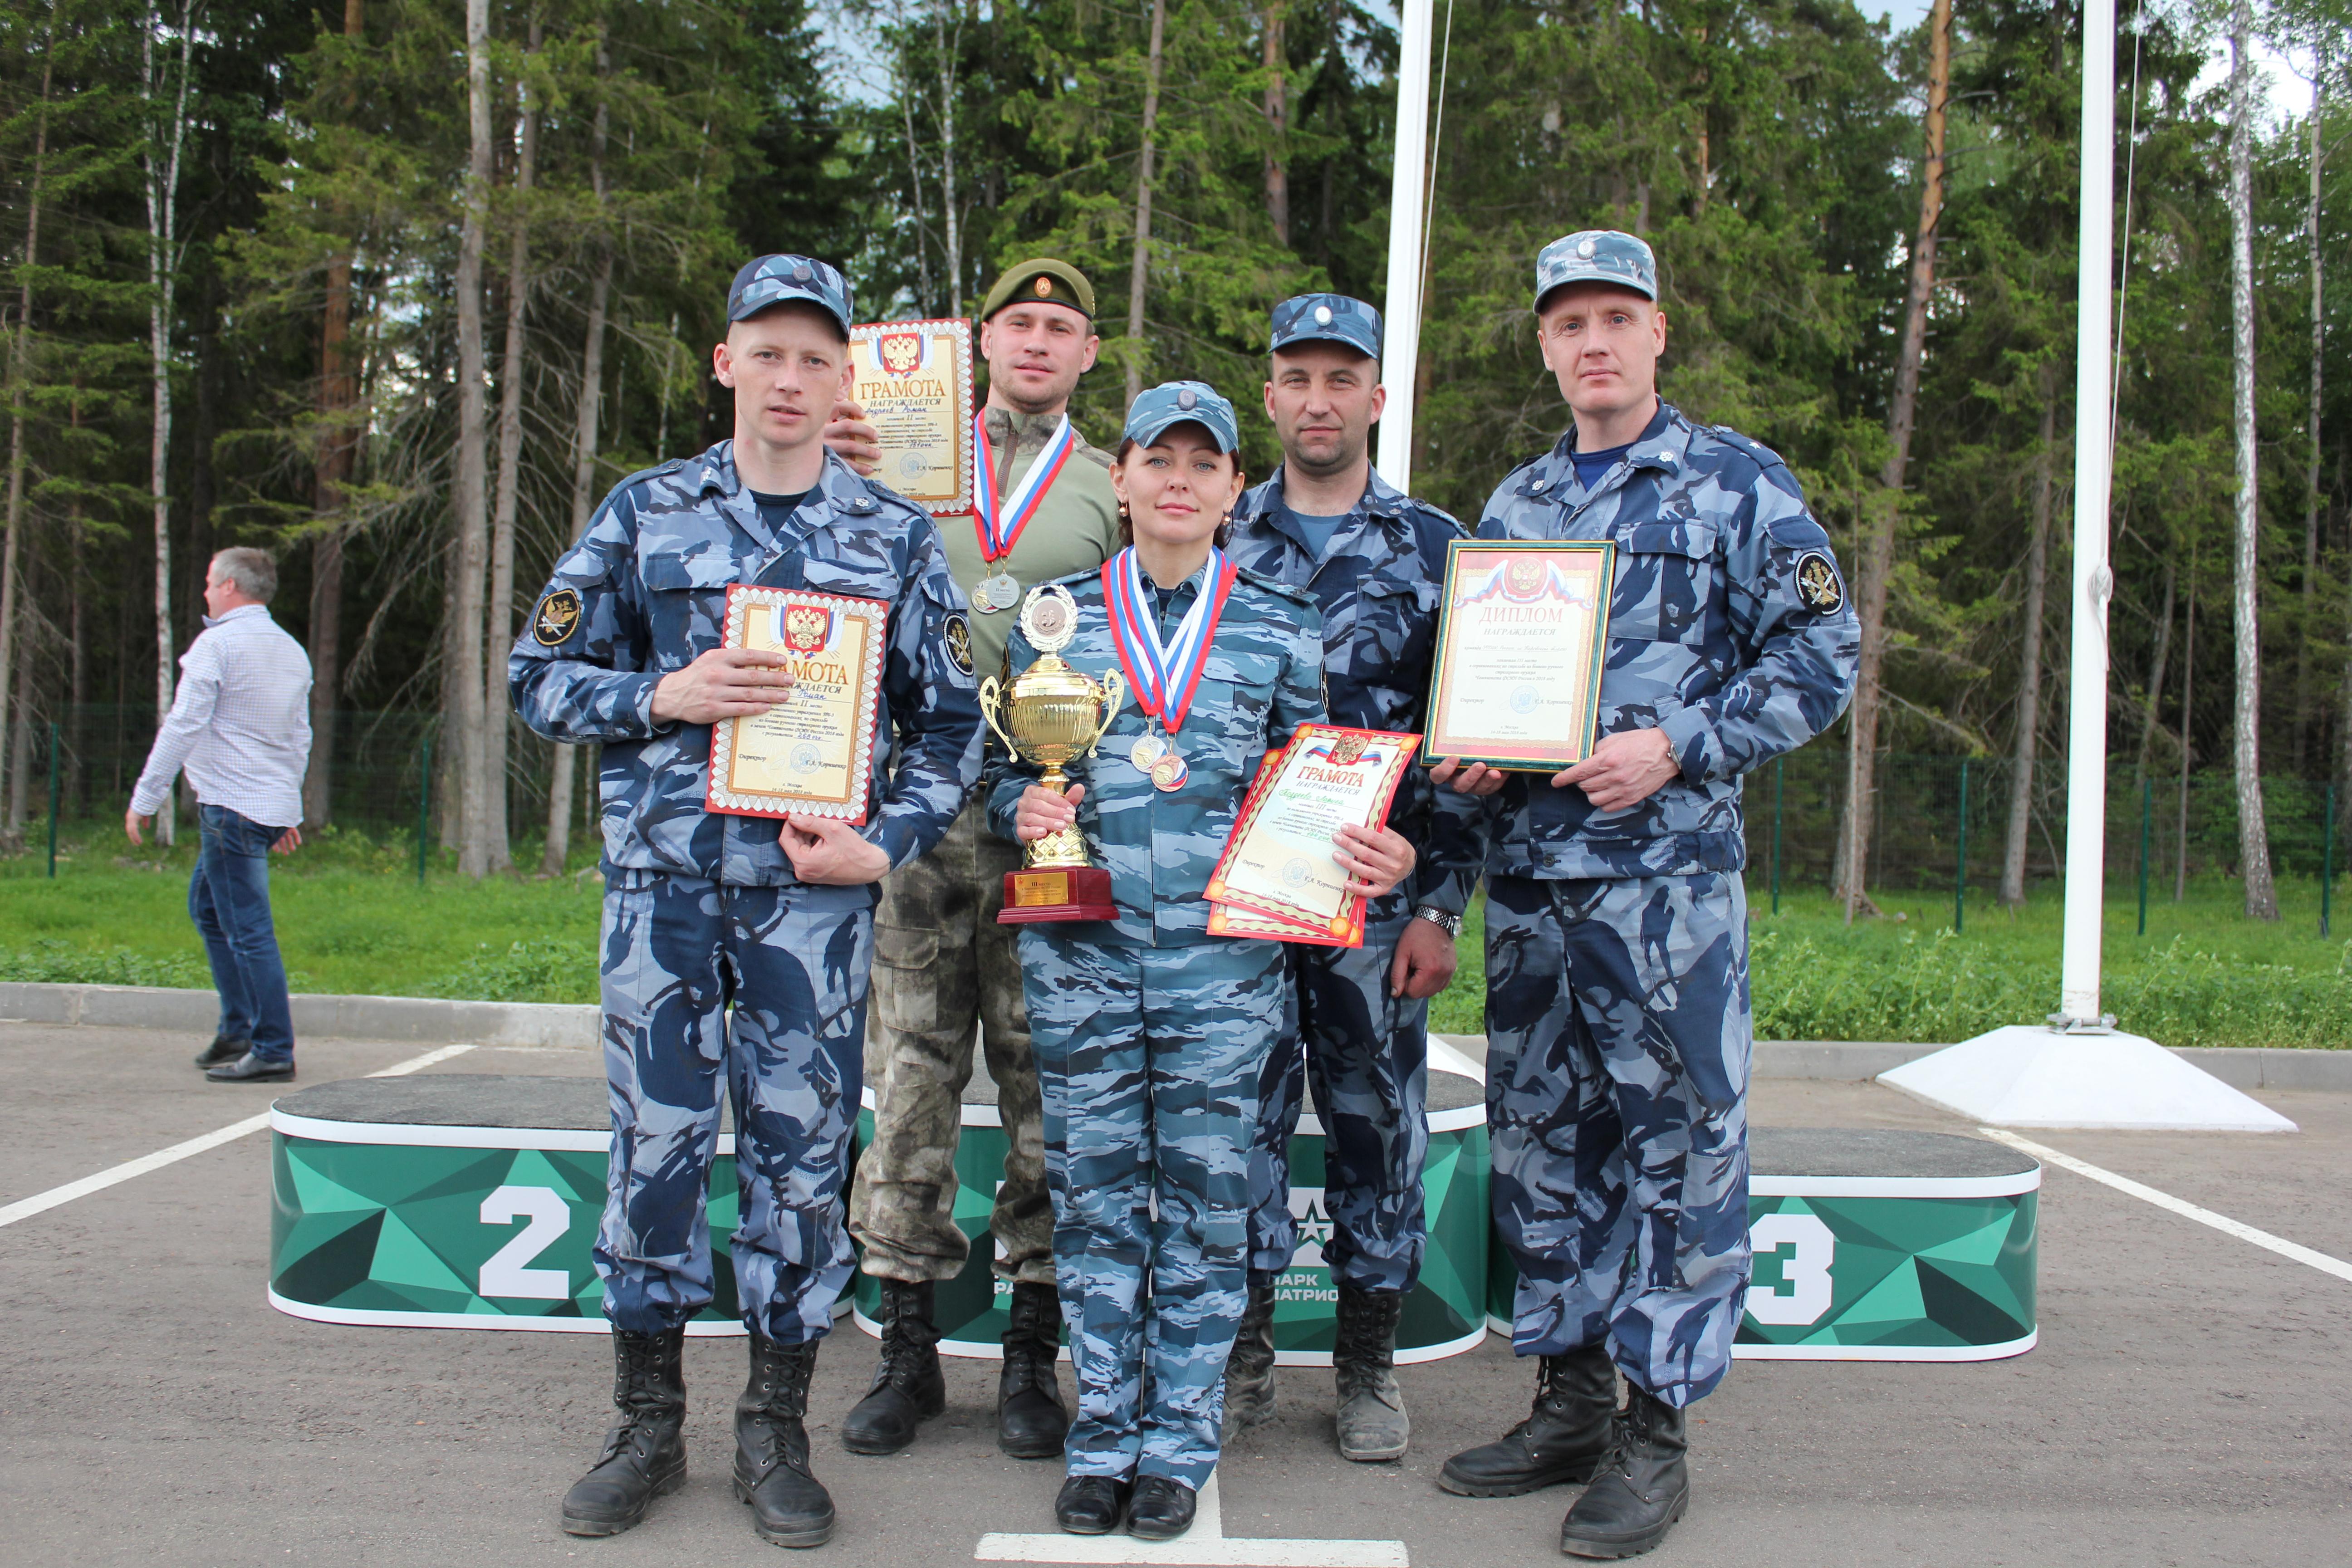 Команда УФСИН России по Кировской области заняла третье место на чемпионате ФСИН России по стрельбе из боевого оружия